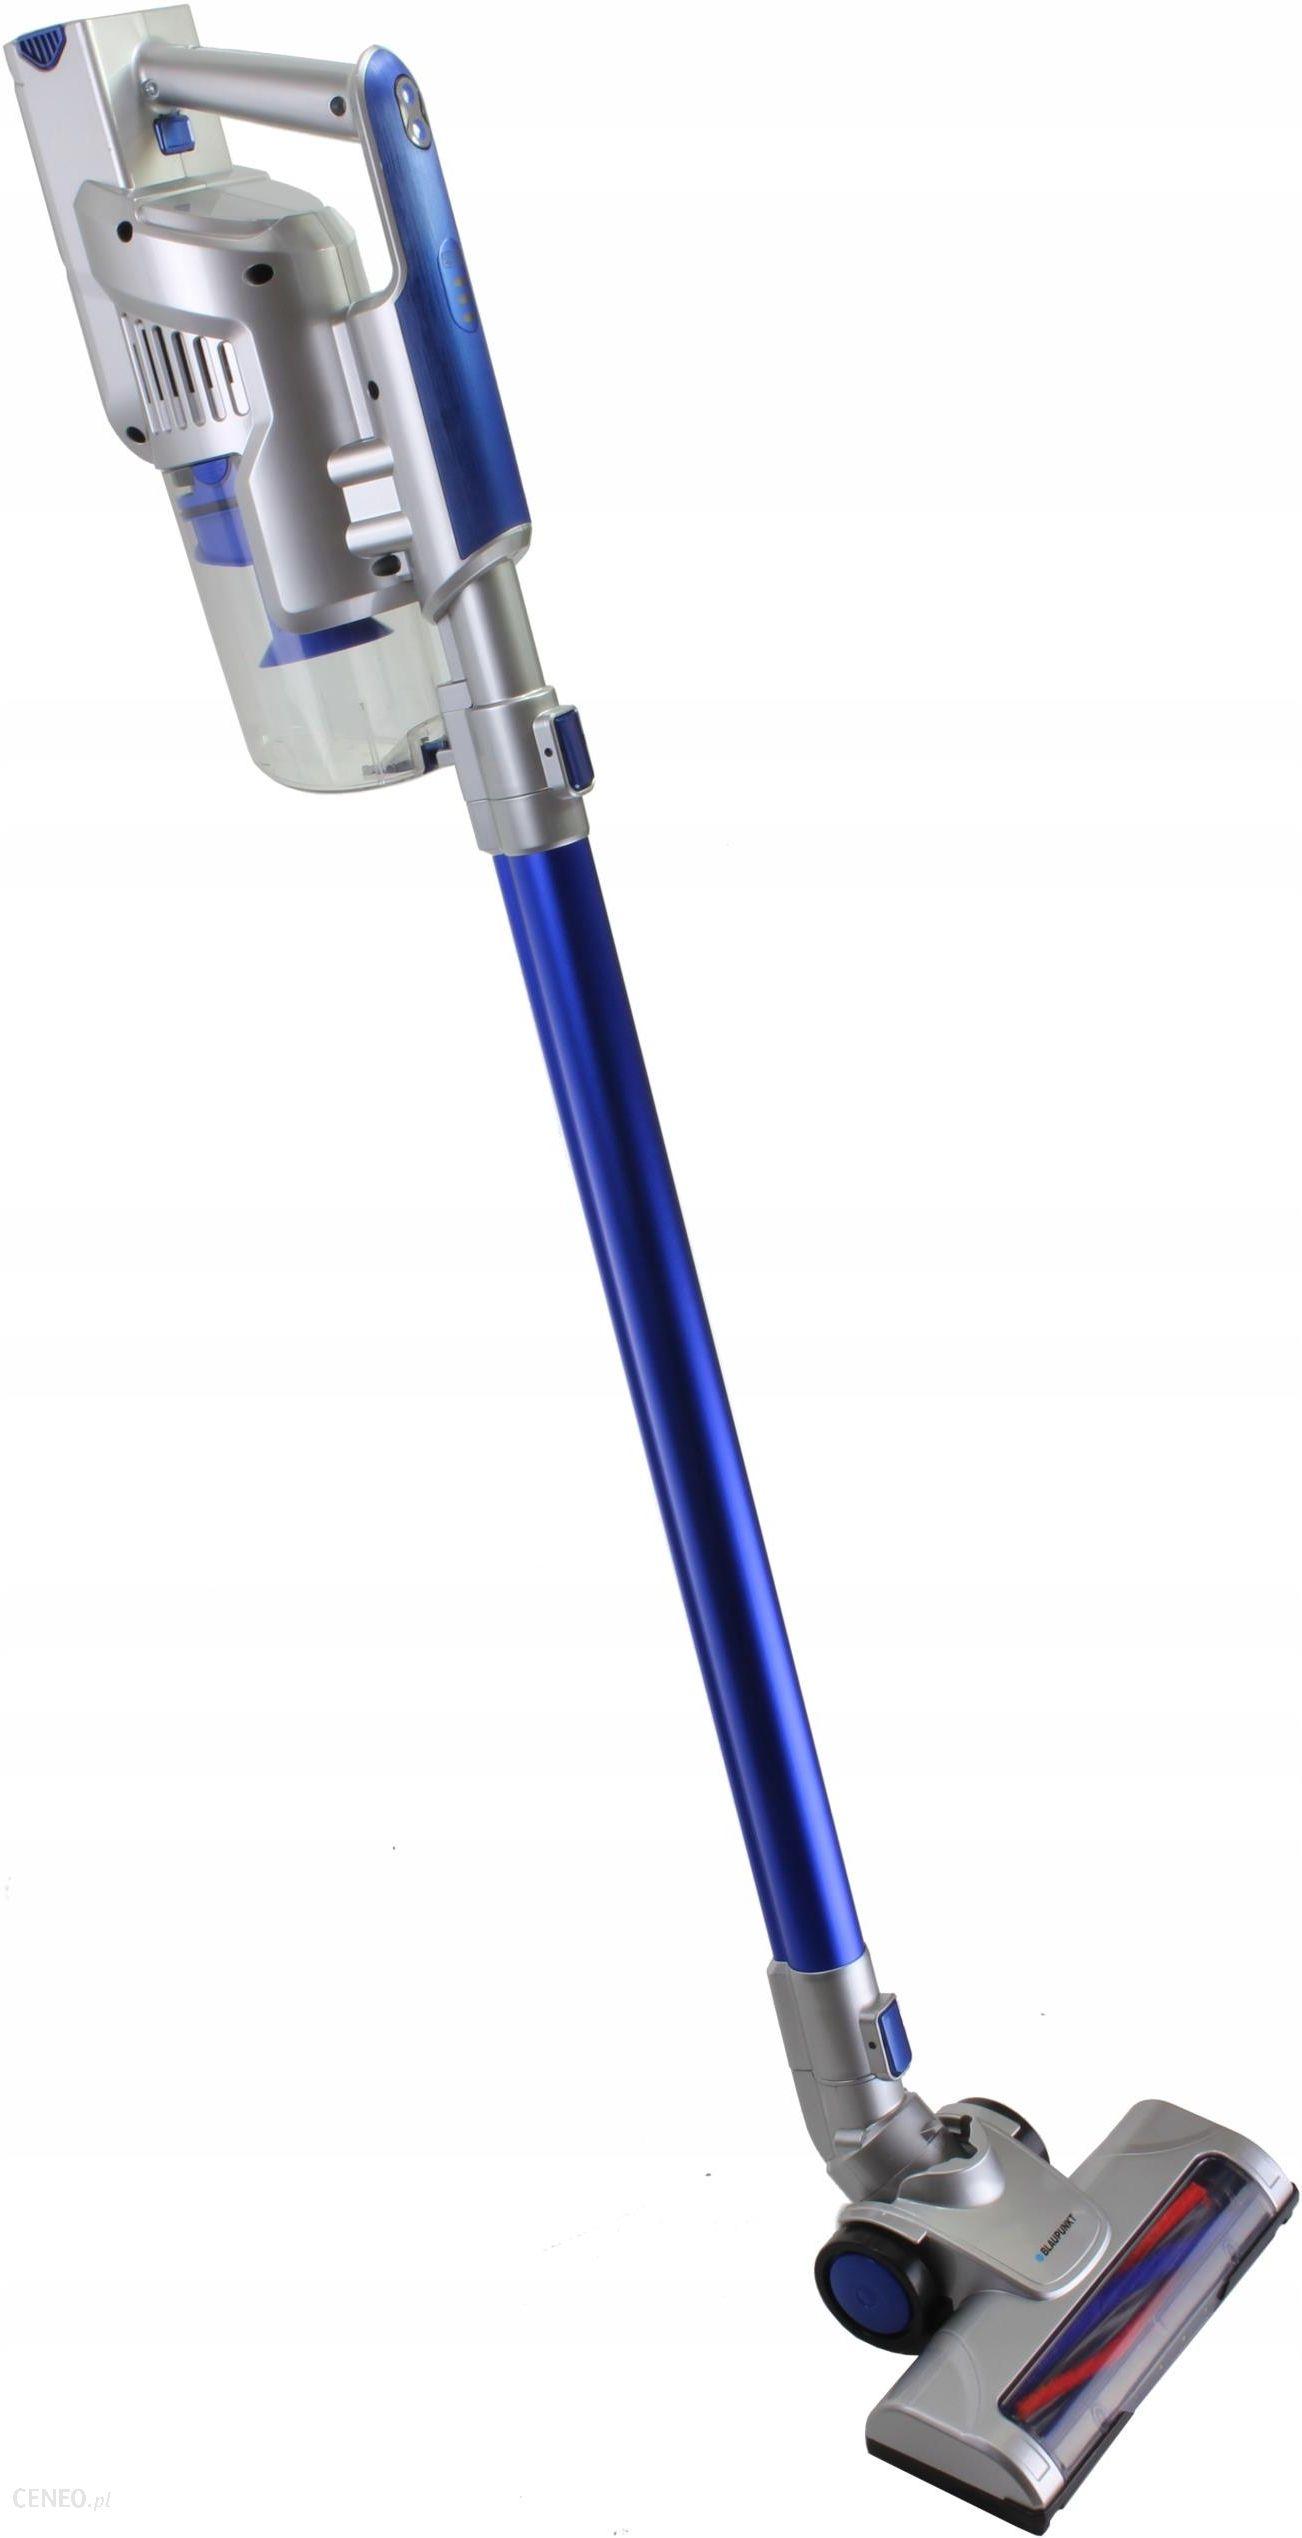 odkurzacz bezprzewodowy blaupunkt vch601 moc